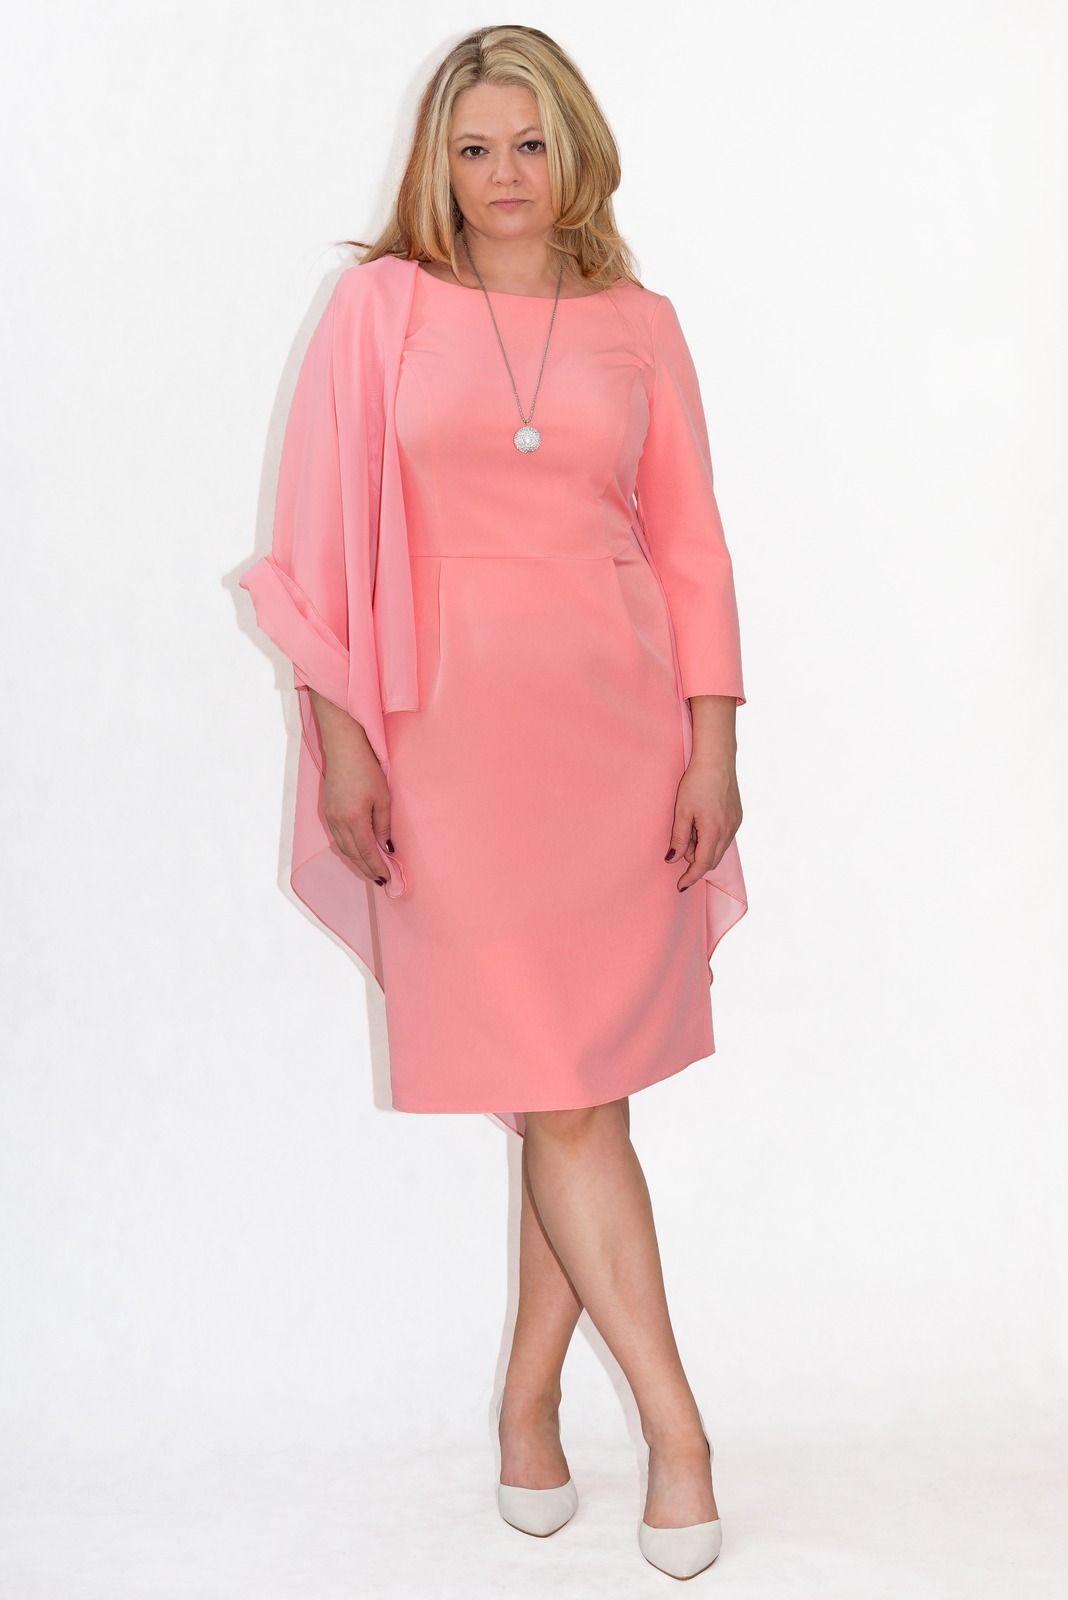 Eleganckie Sukienki Xxl Ava 40 60 Duze Rozmiary Plus Size Onlineshoping Wedding Dla Puszystych Dresses Shoulder Dress Fashion